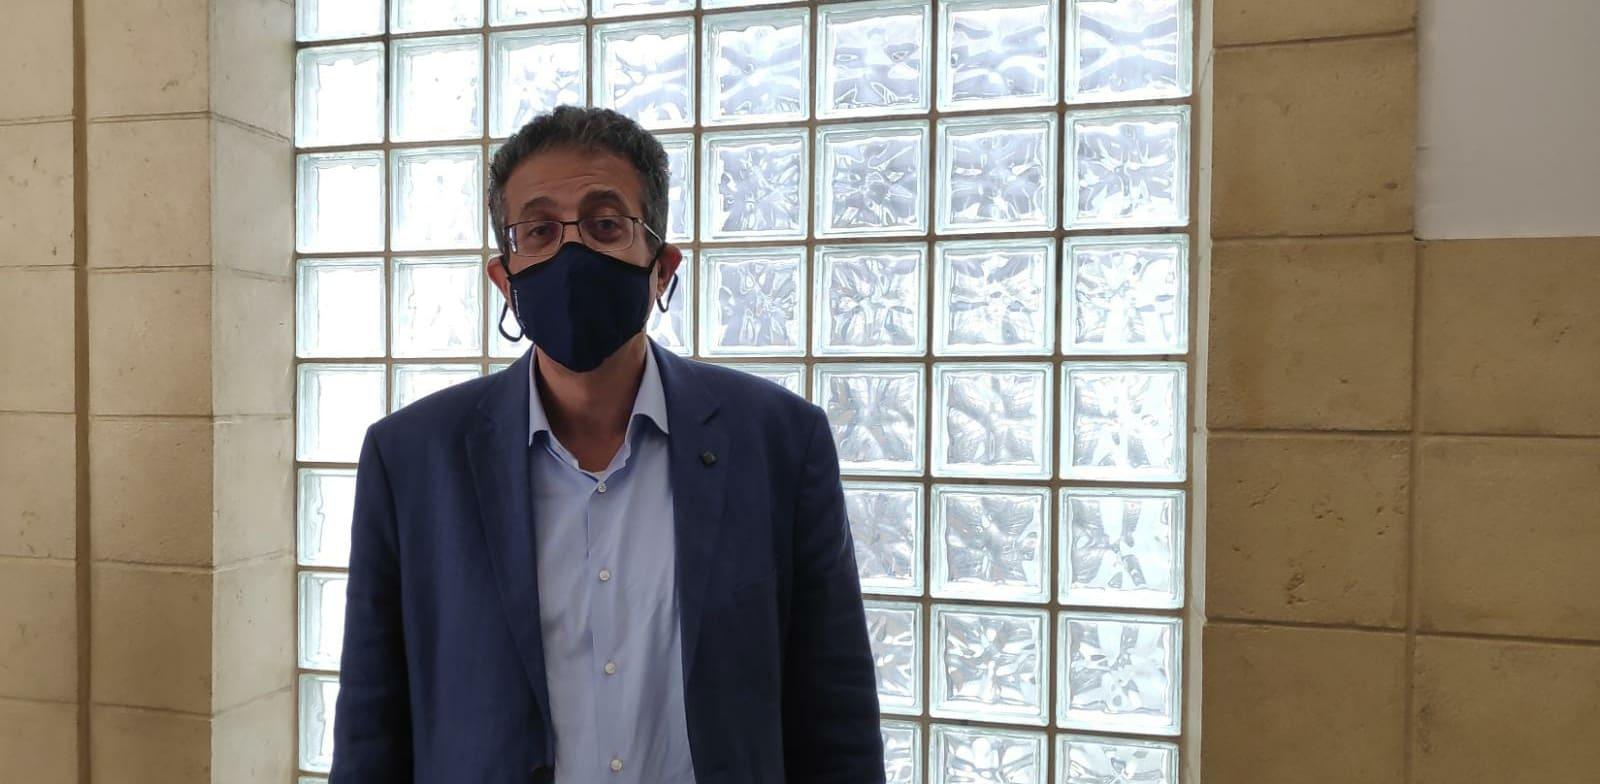 """אילן ישועה, מנכ""""ל וואלה לשעבר, בבית המשפט / צילום: אבישי גרינצייג"""